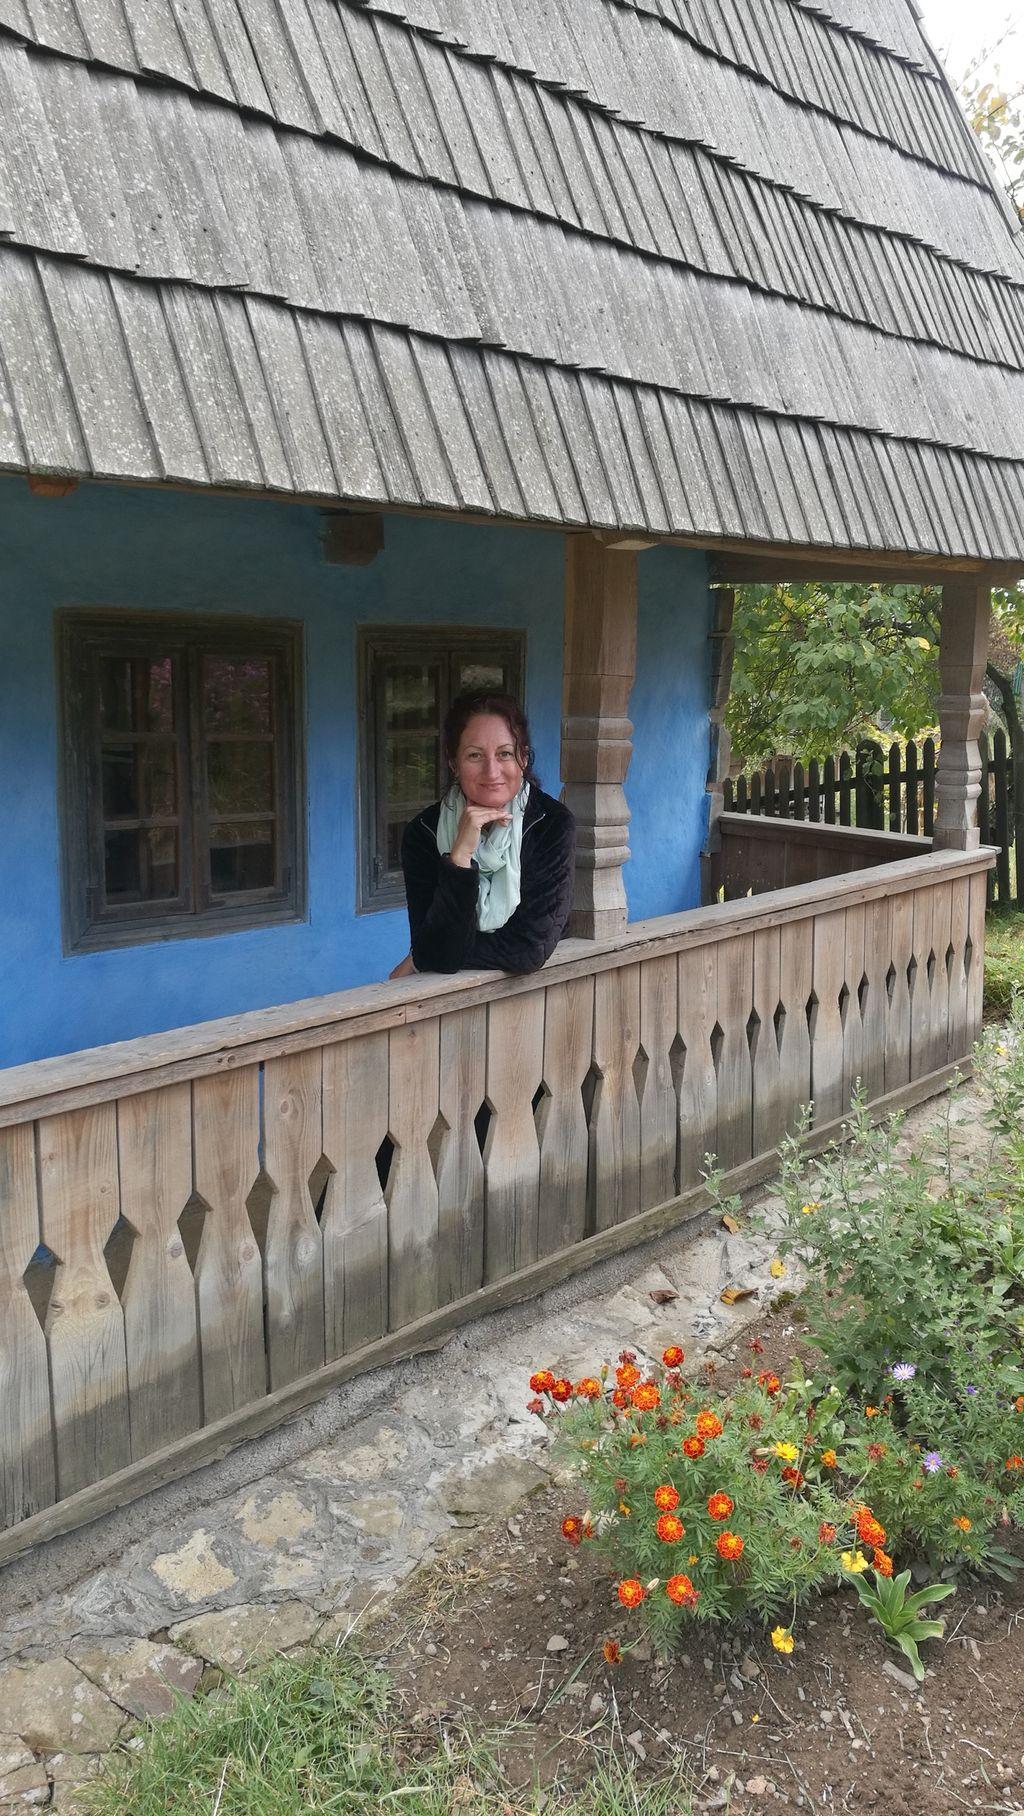 Skanzen v Užgorodu a místní obyvatelka chaloupky